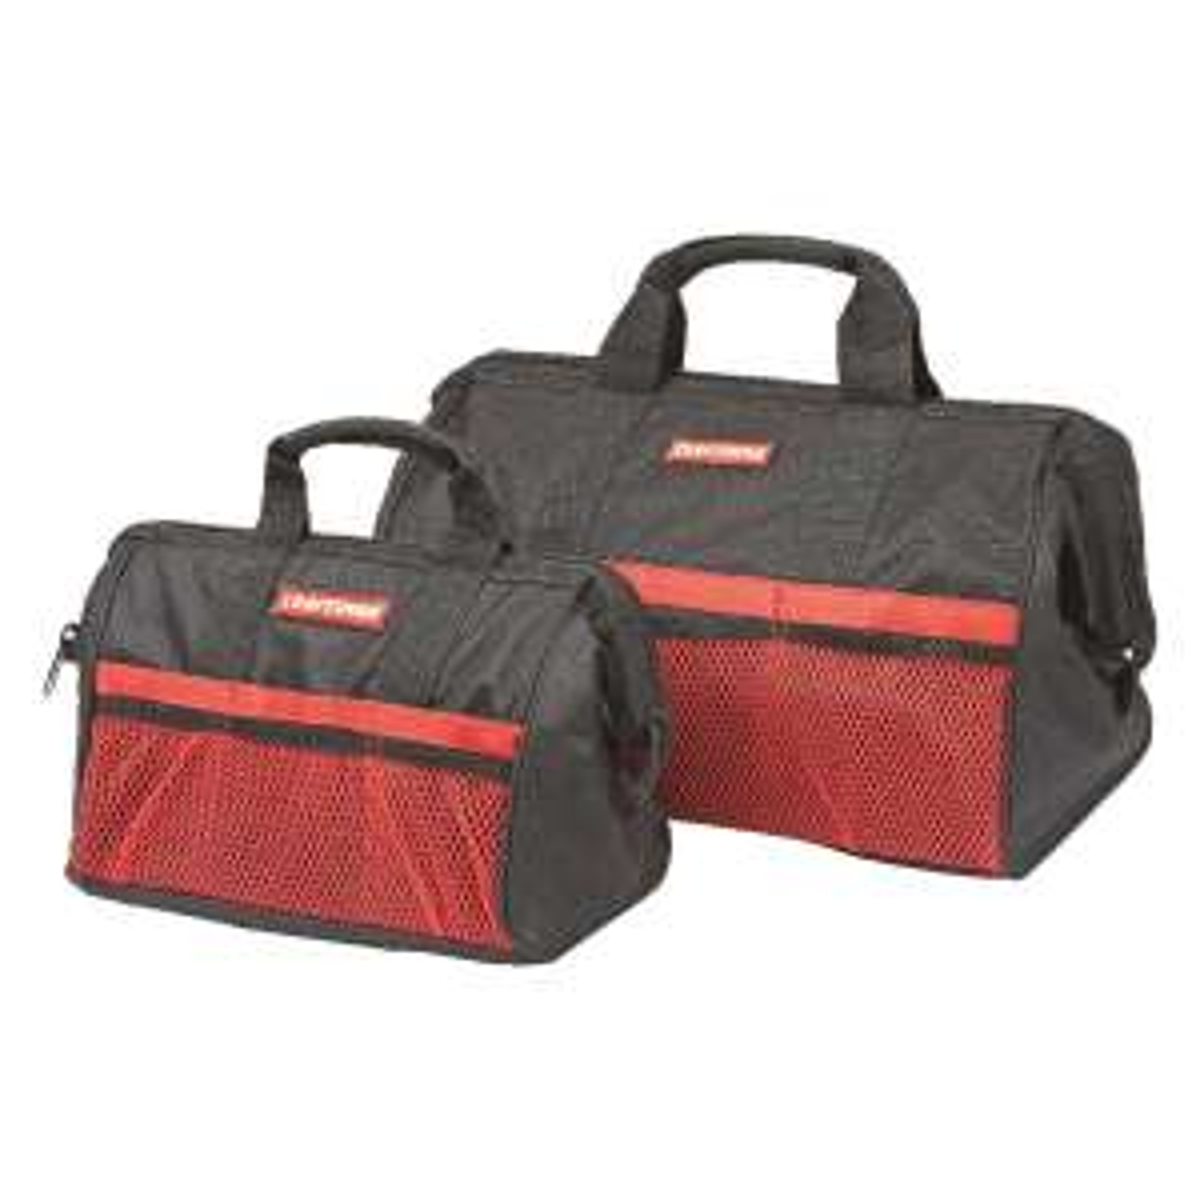 Sears: Bolsas para Herramientas (13 y 18 Pulgadas) Craftsman